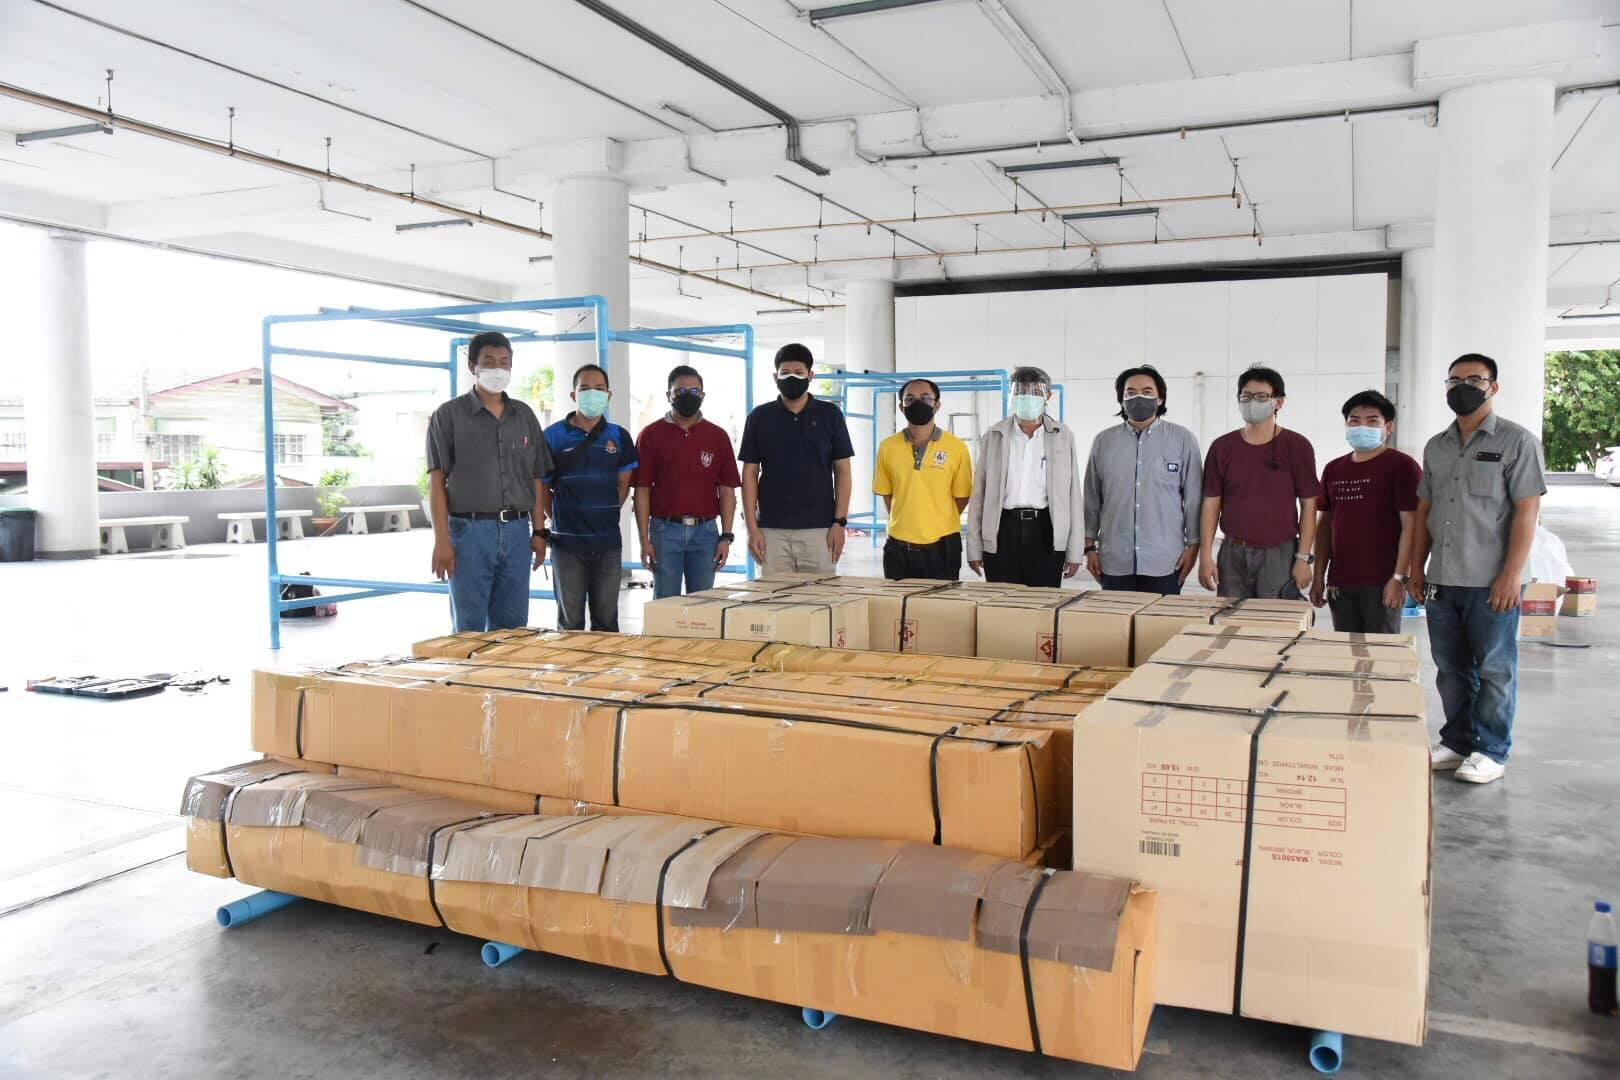 วิศวกรอาสา วิศวกรรมสถานแห่งประเทศไทยฯ (วสท.) ร่วมกันประกอบตู้ความดันลบ และบรรจุกล่อง เพื่อเตรียมส่งให้กับสถานพยาบาล